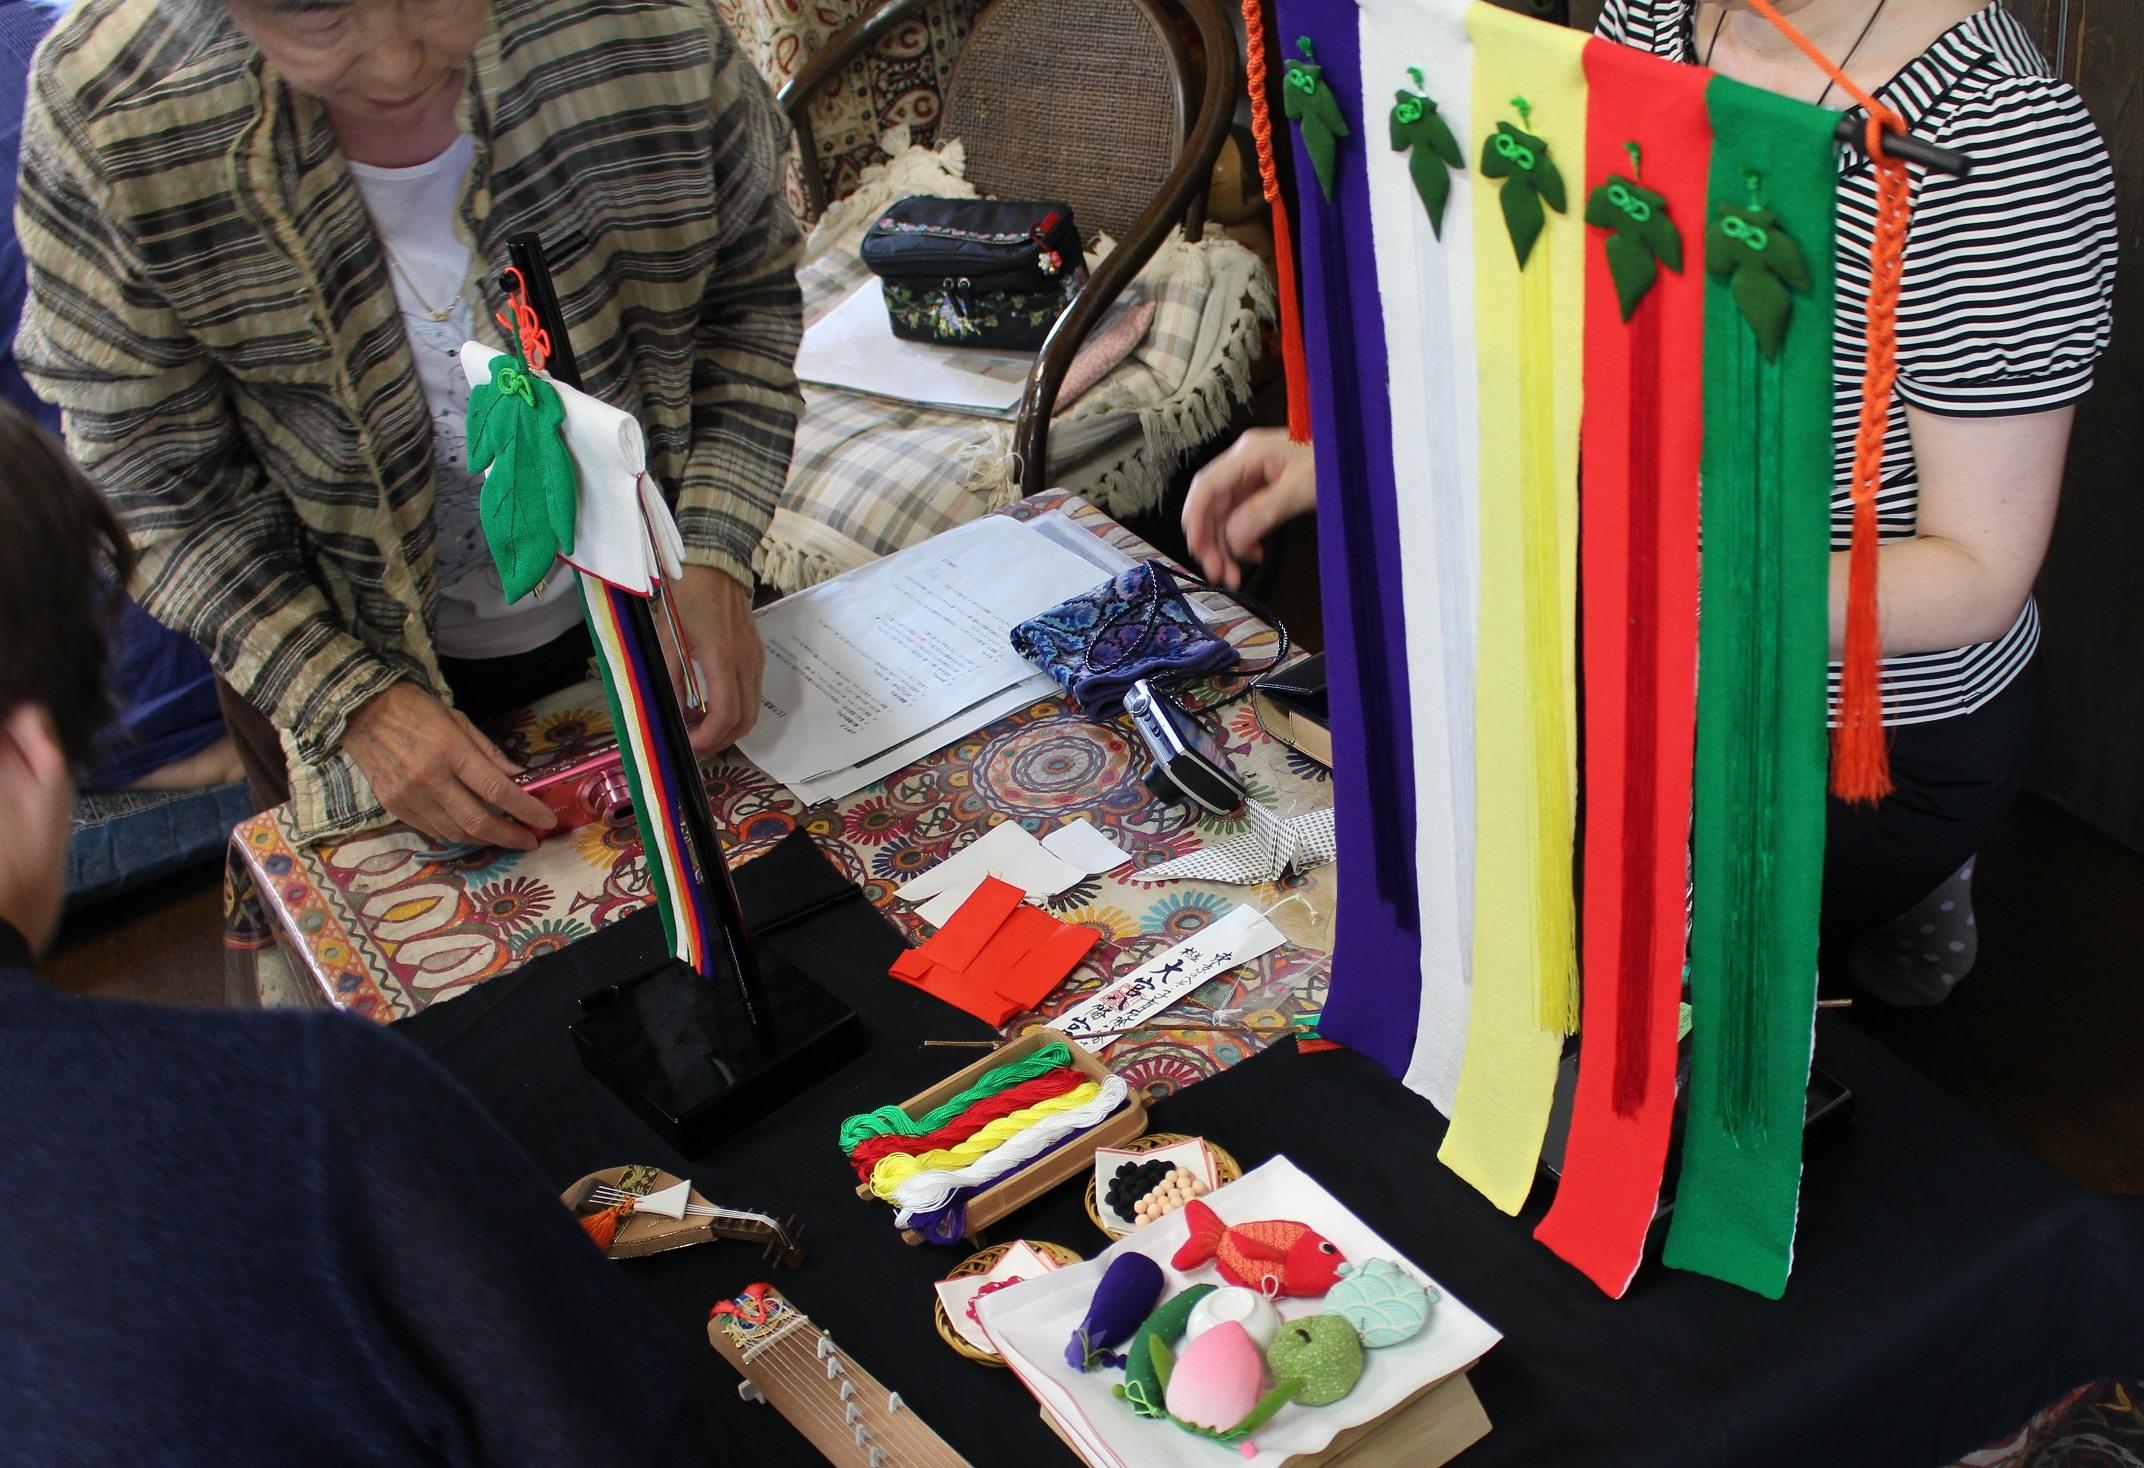 *ちりめん細工研究会講座風景。七夕の乞巧奠の風習を学び、伝統的な七夕飾りを表現する作品をとりあげました。